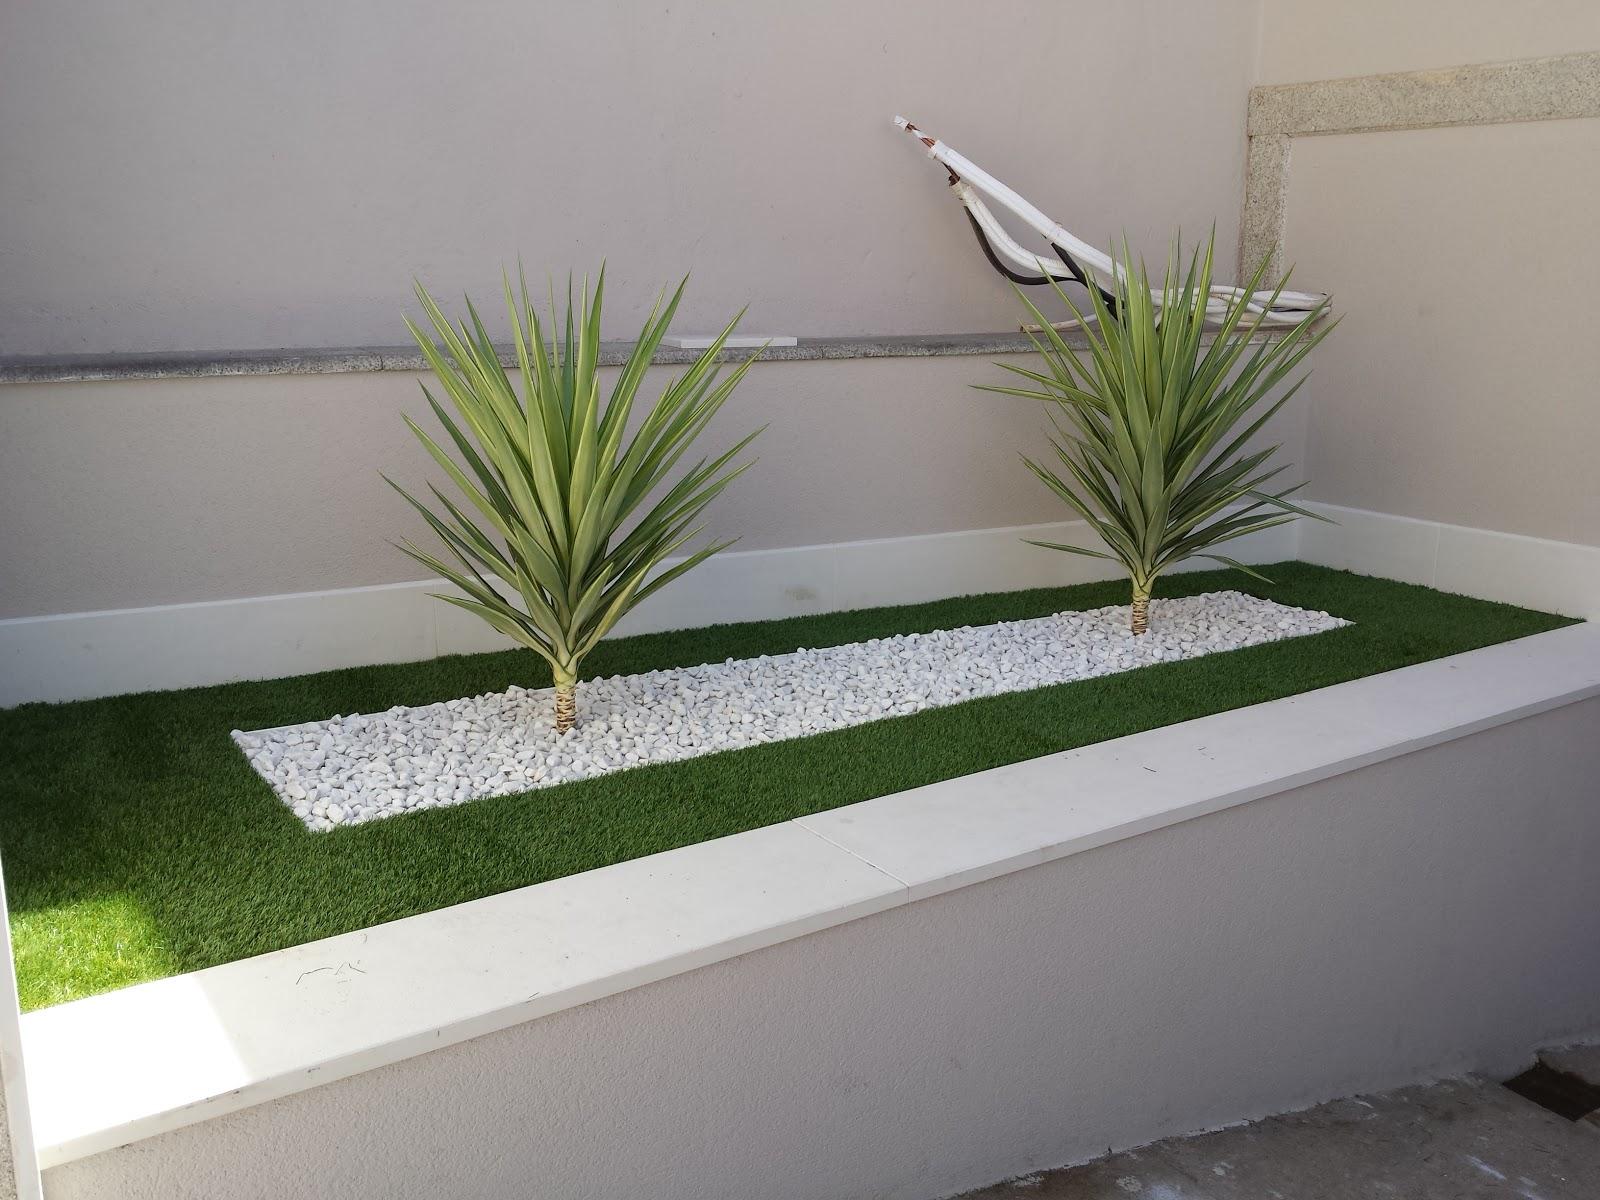 Jardineras para interiores dise os arquitect nicos for Jardineras para exterior